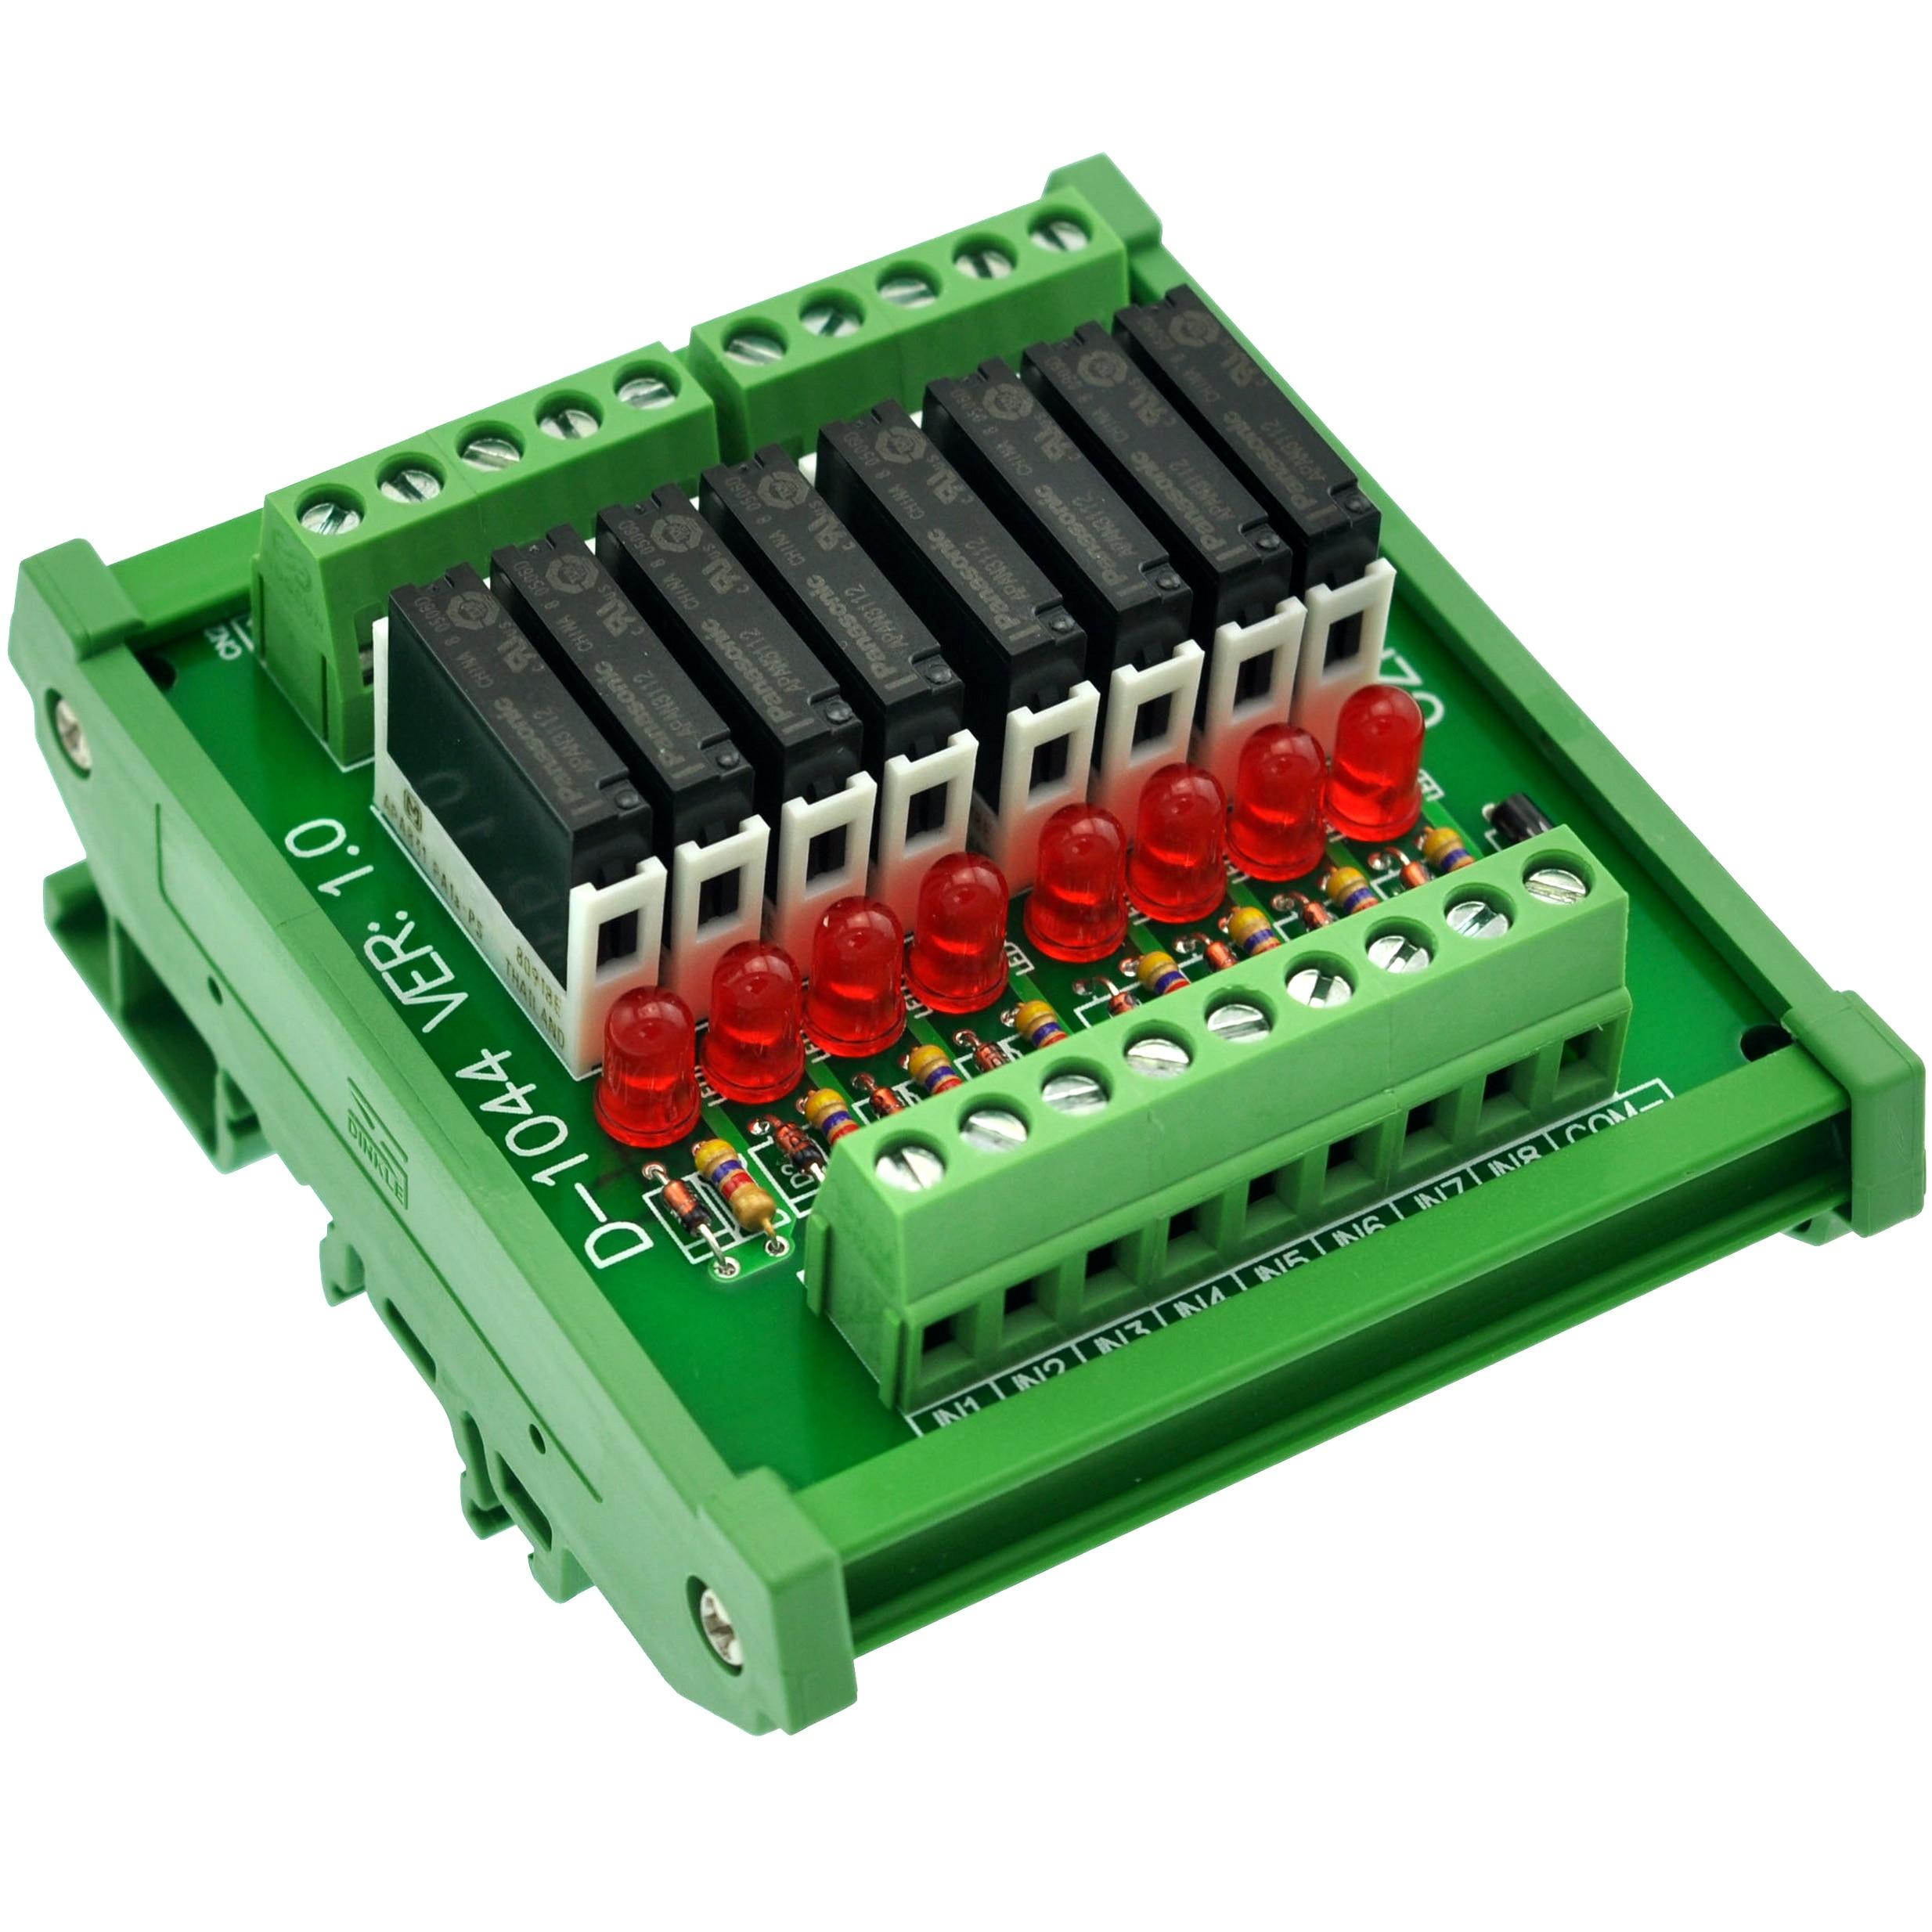 Slim DIN Rail Mount DC12V Source/PNP 8 SPST-NO 5A Power Relay Module, APAN3112